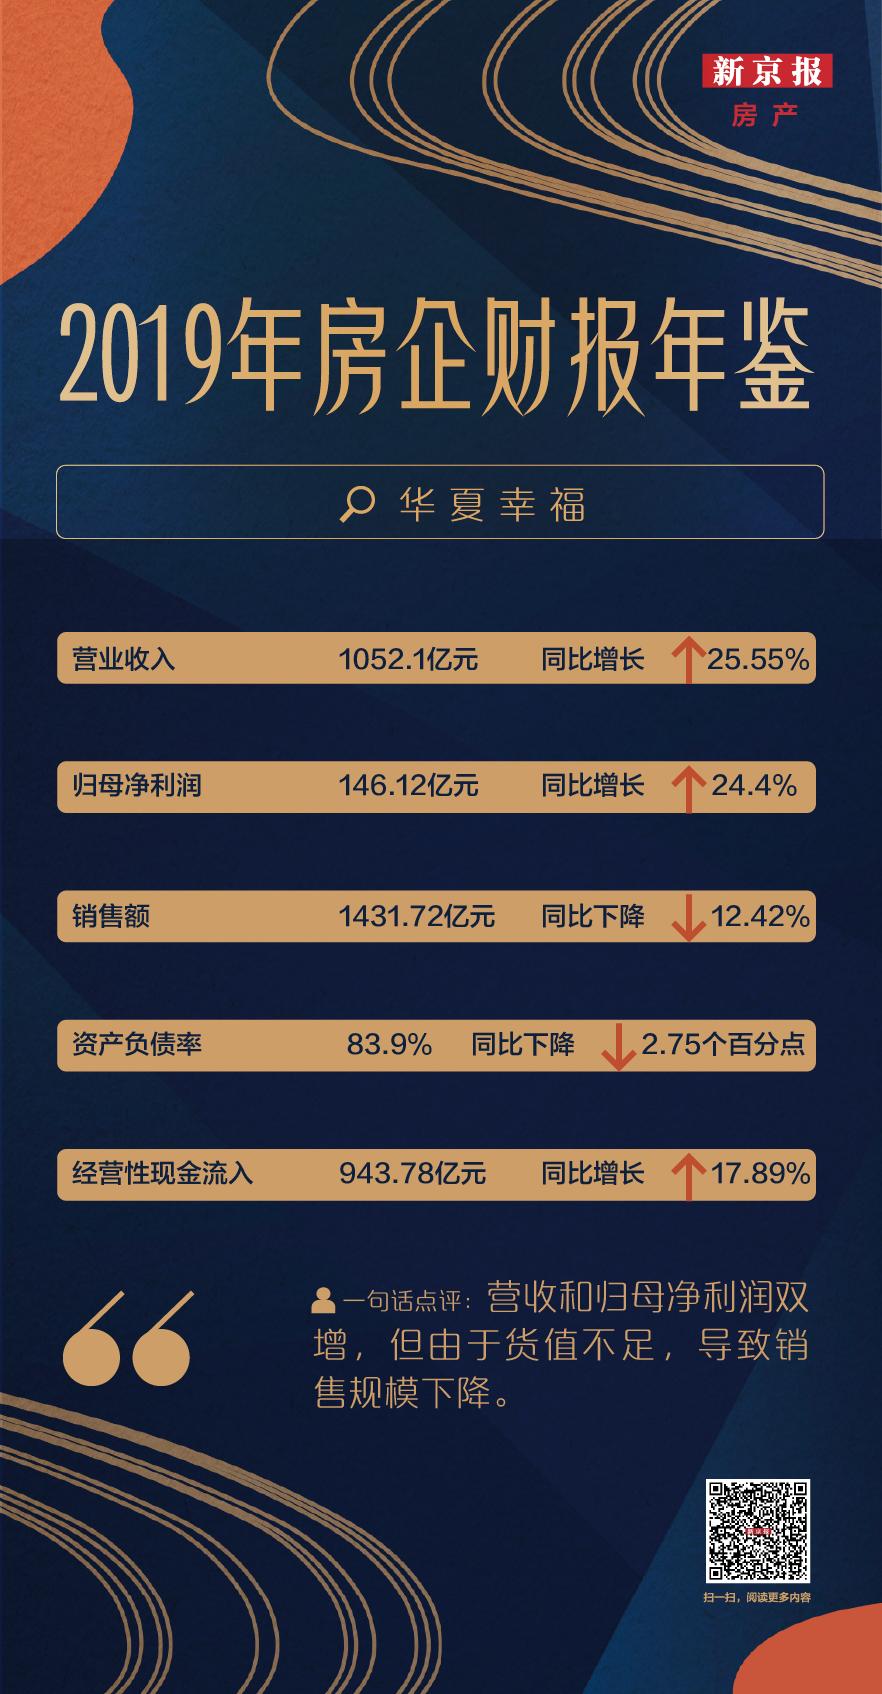 年报速递|华夏幸福营收破千亿 非环京区域销售增长8成图片